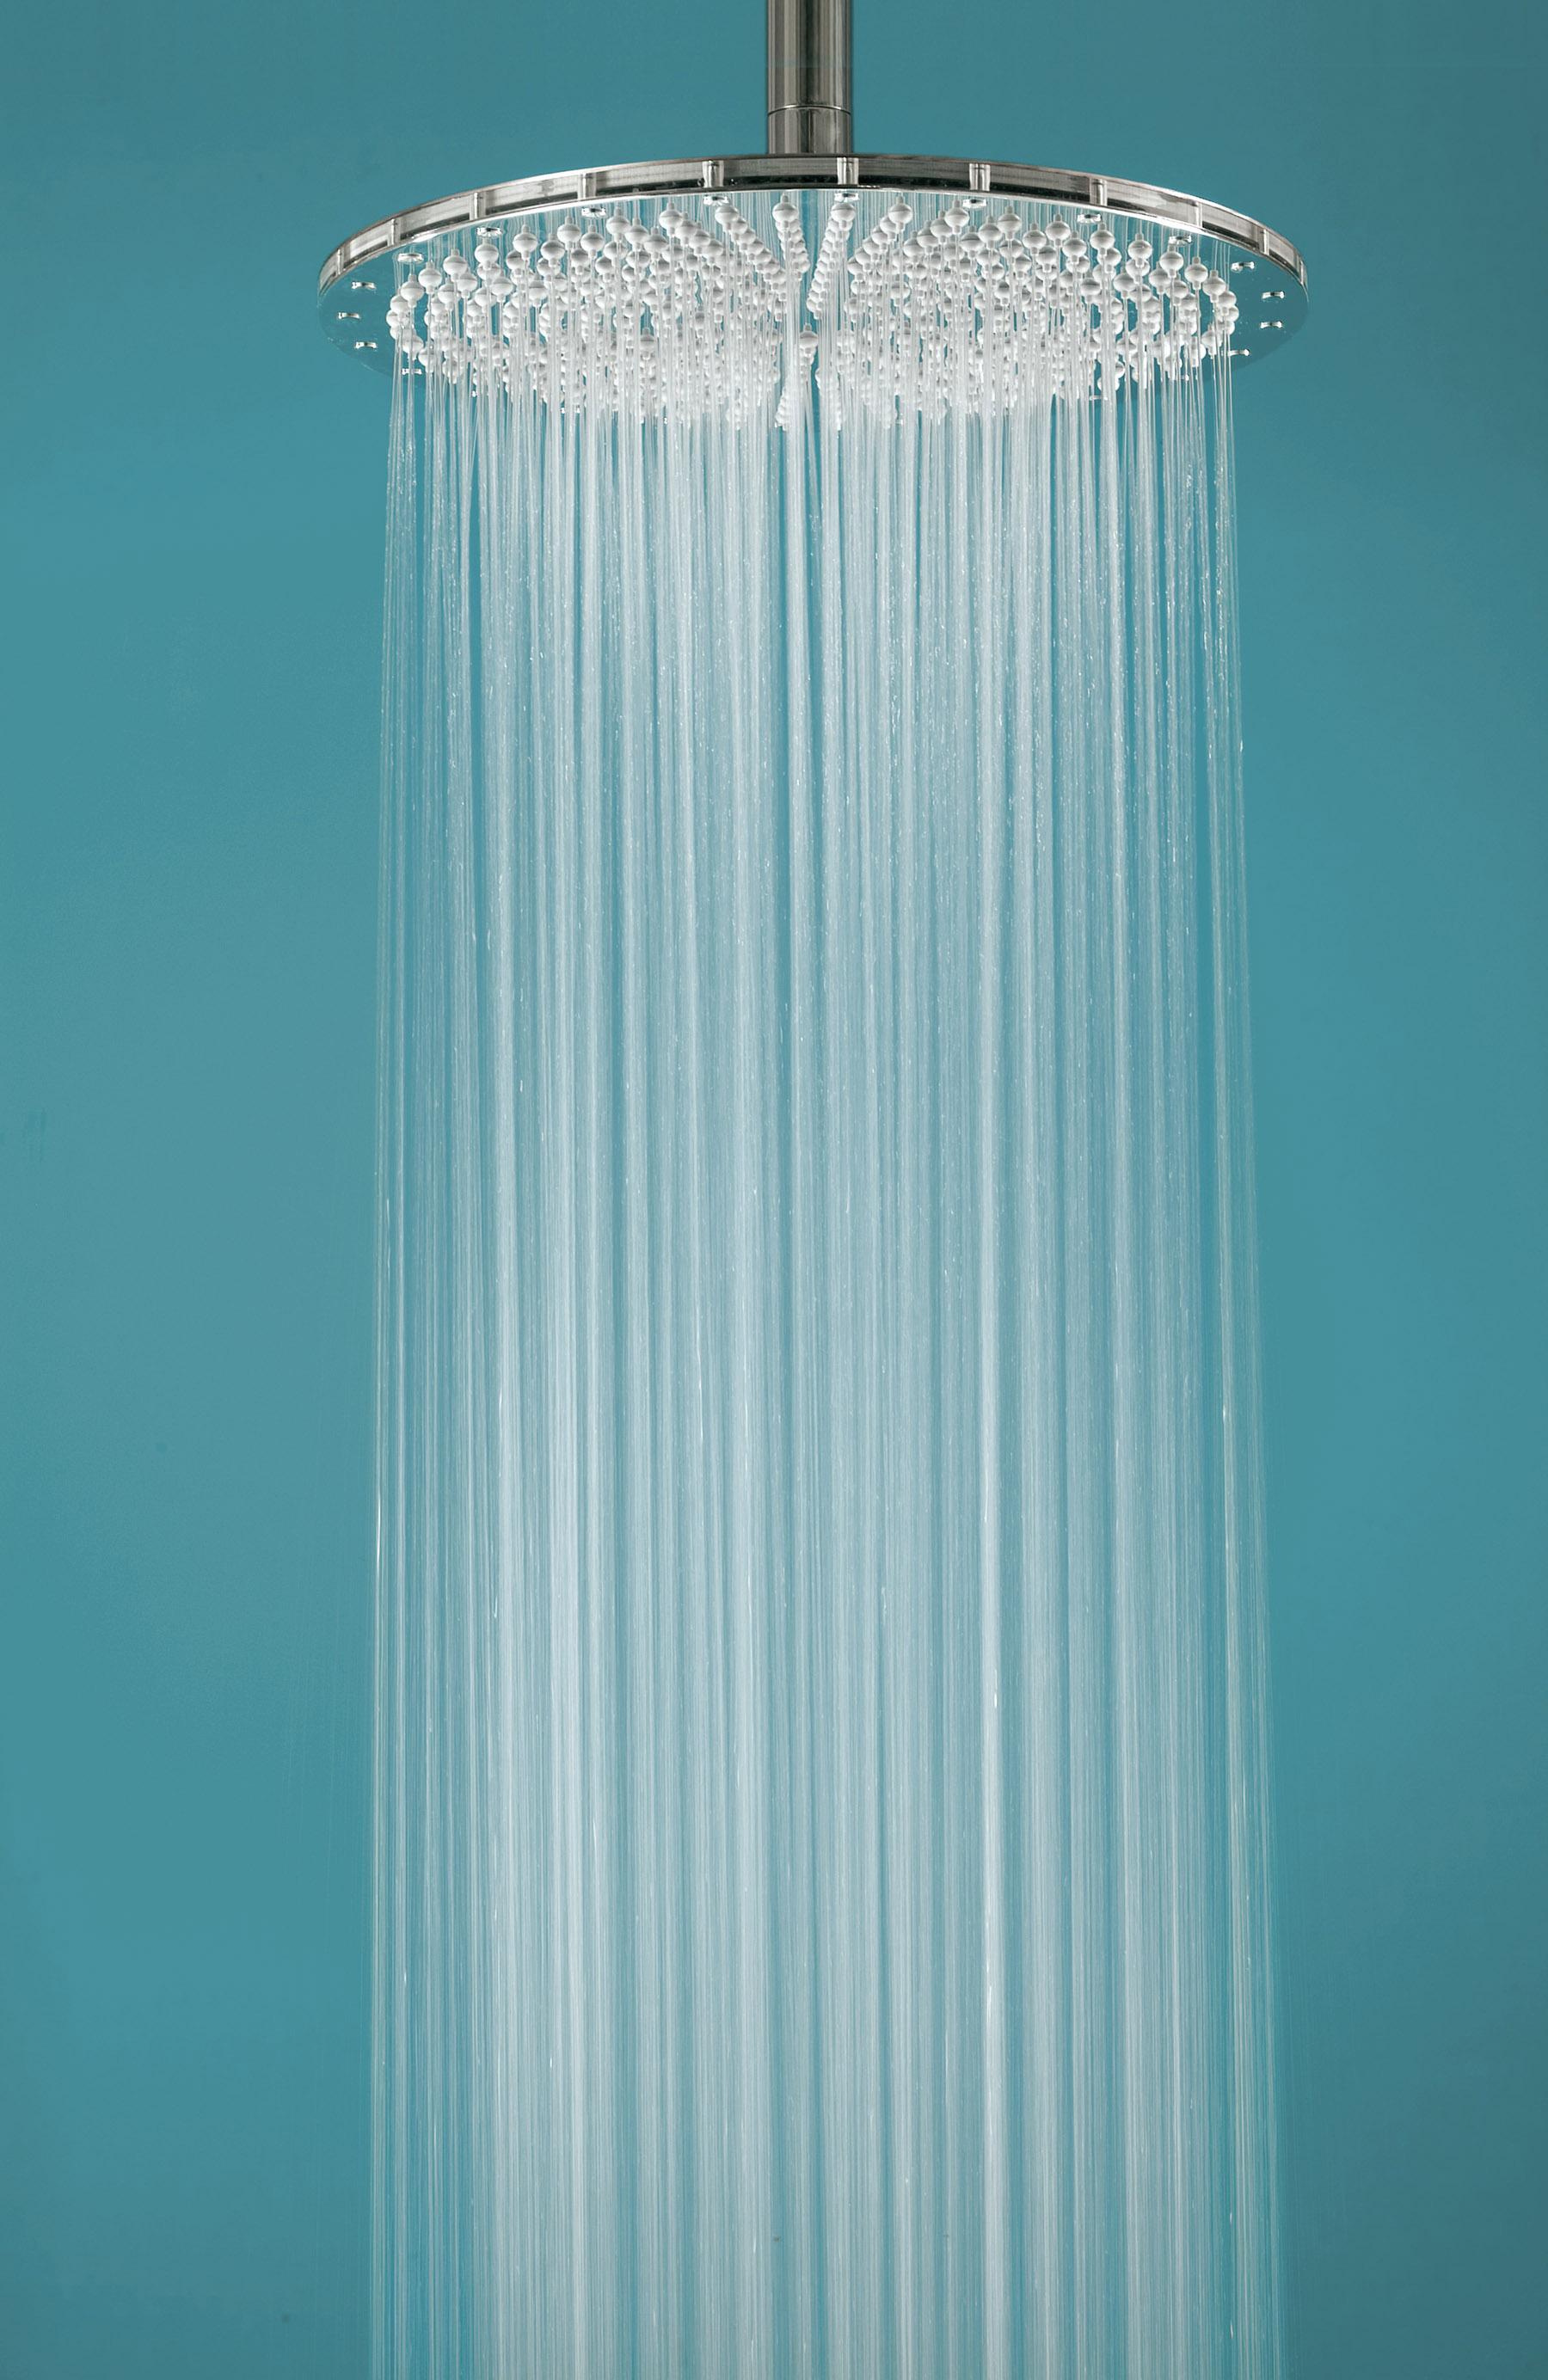 JACLO Transforms the Shower into a Rainforest Deluge